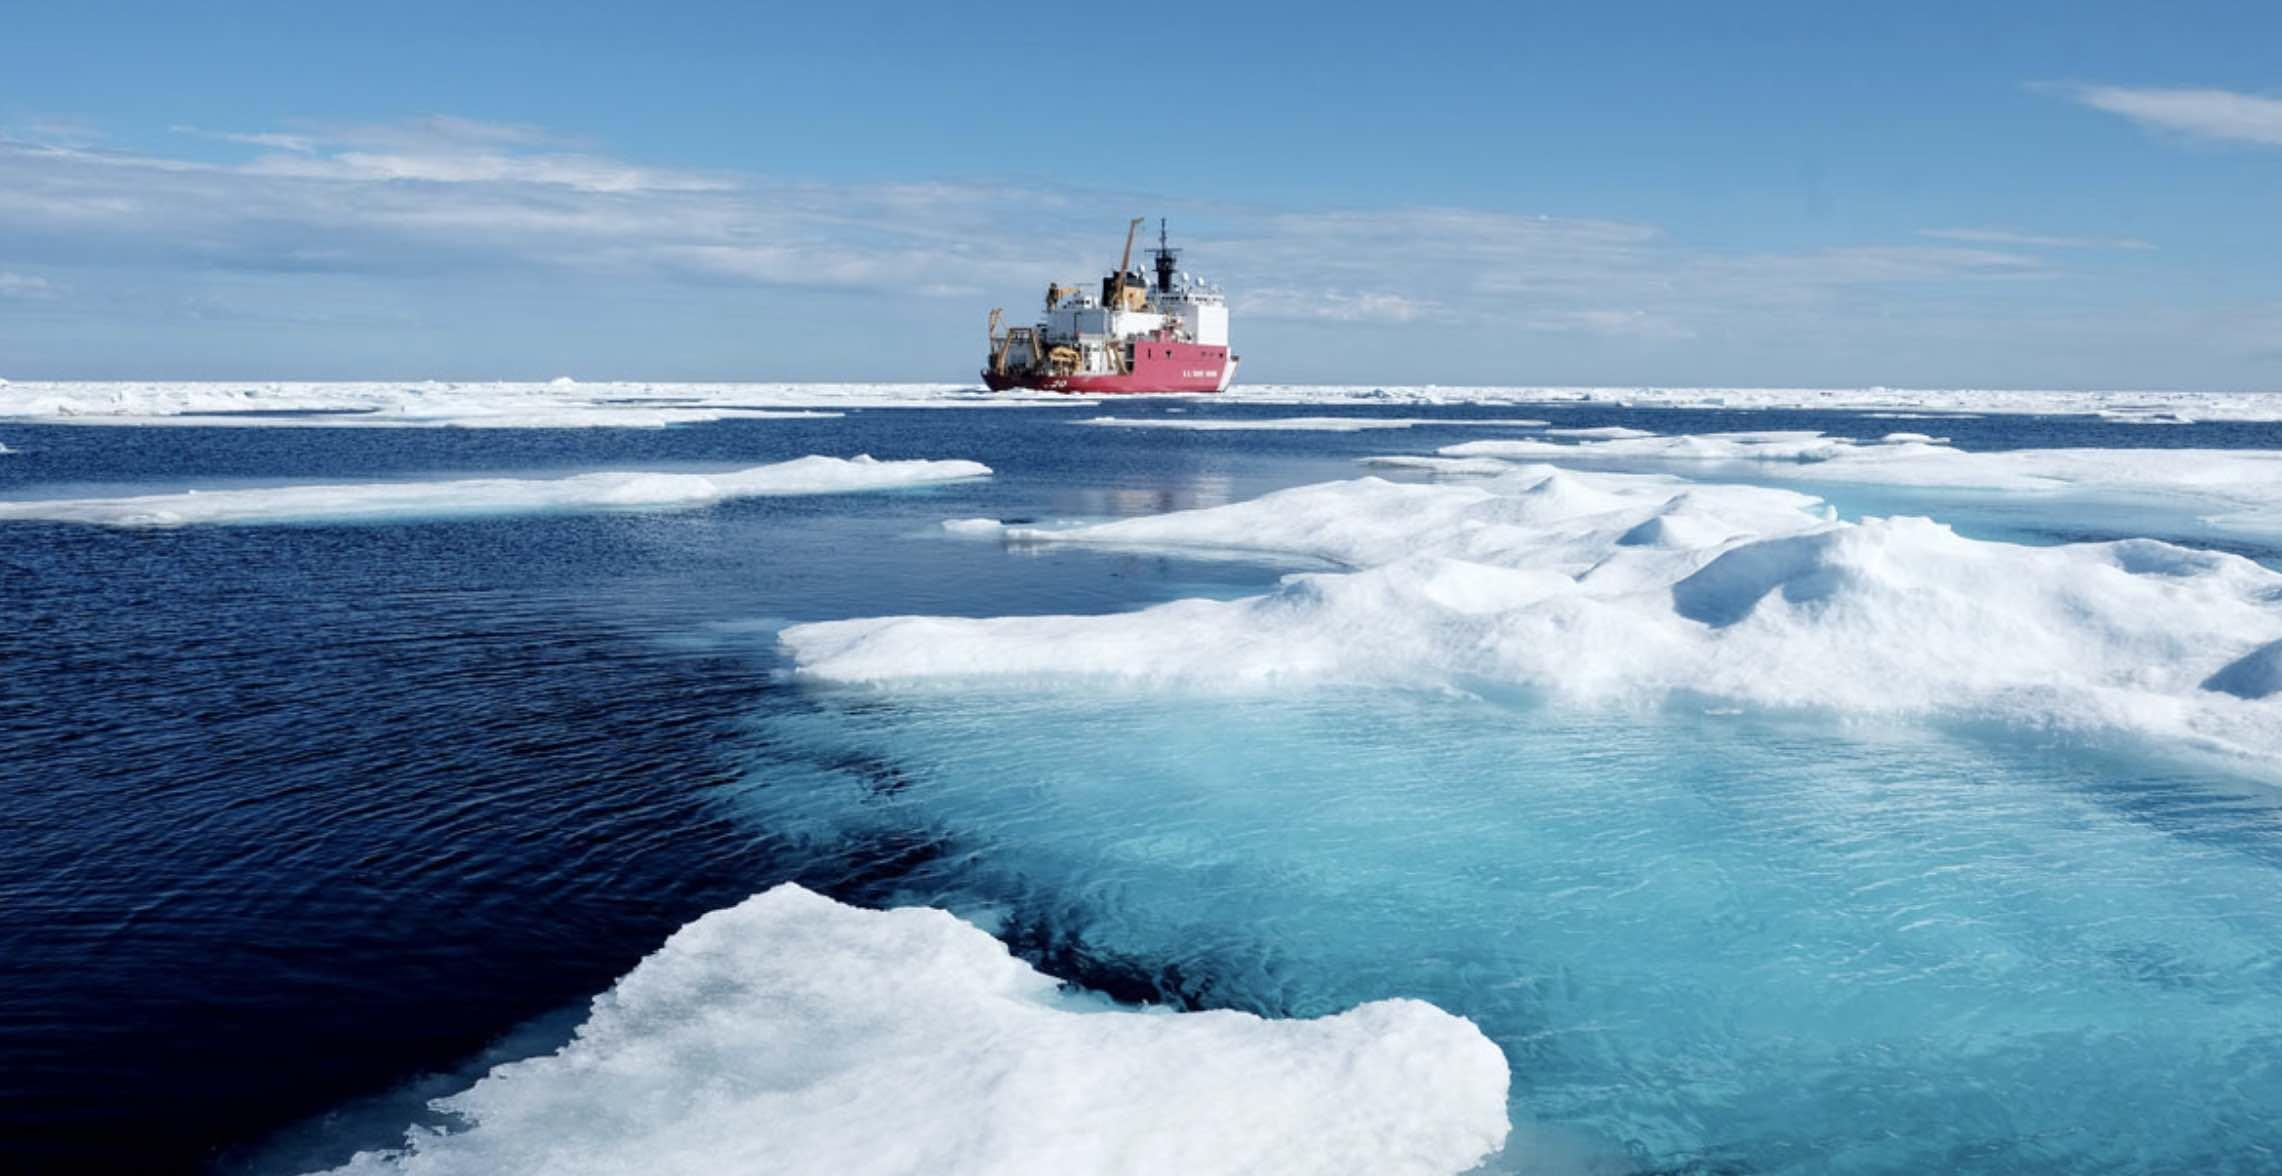 Estados Unidos, Antártida, Circulo Artico, Mar Artico, Rompehielos